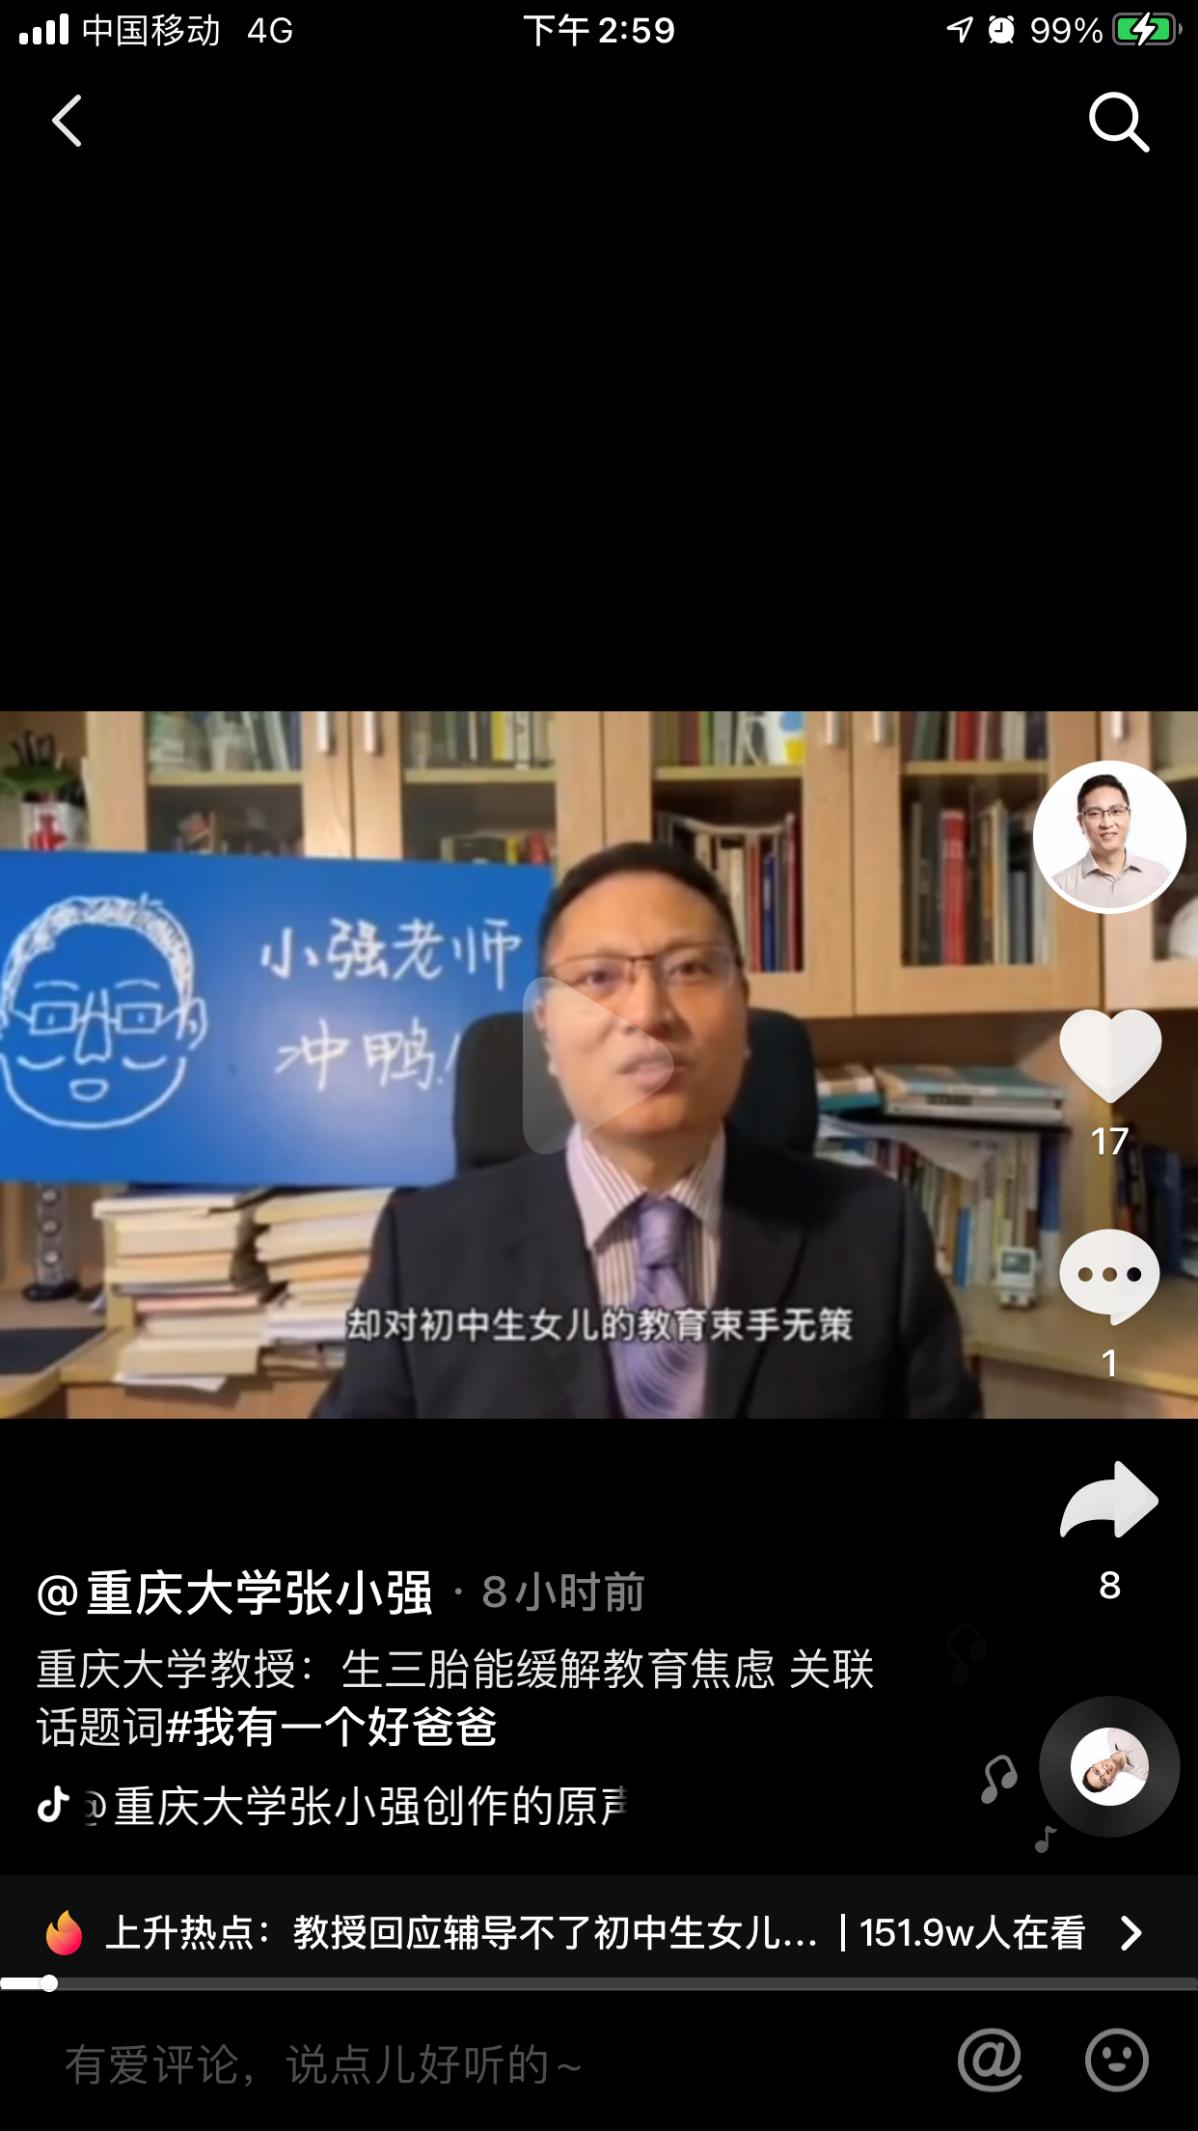 抖音号@重庆大学张小强 截图